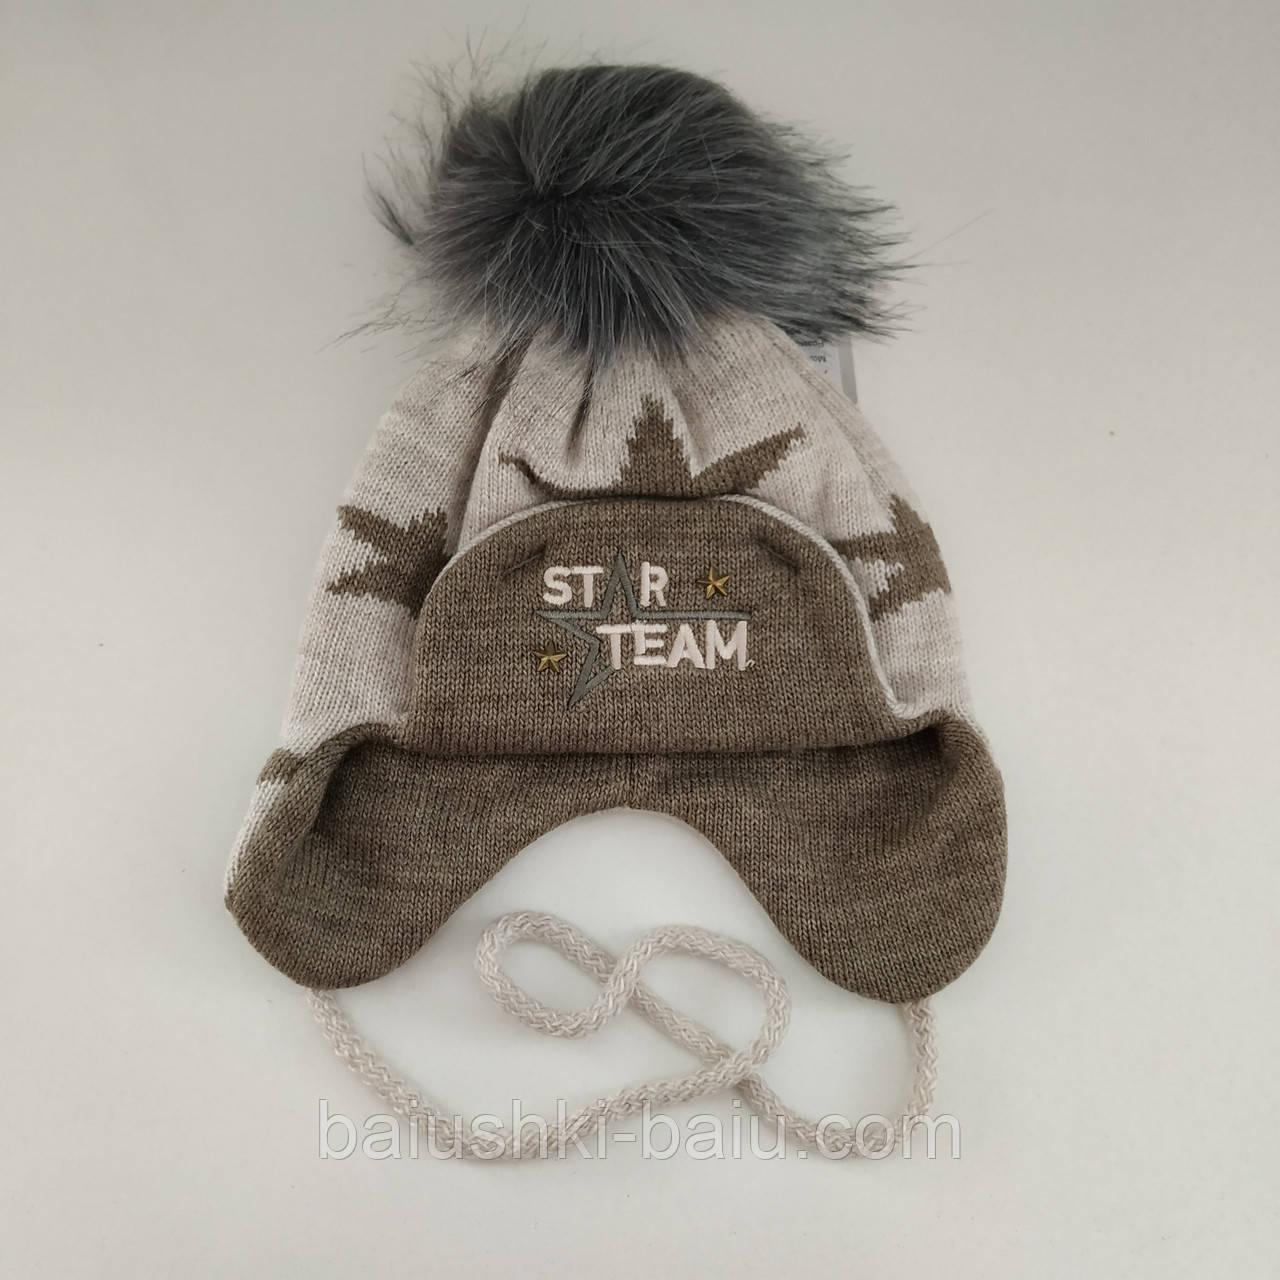 Детская зимняя шапка на завязках для мальчика (флис), р. 48-52см/9-36 мес.